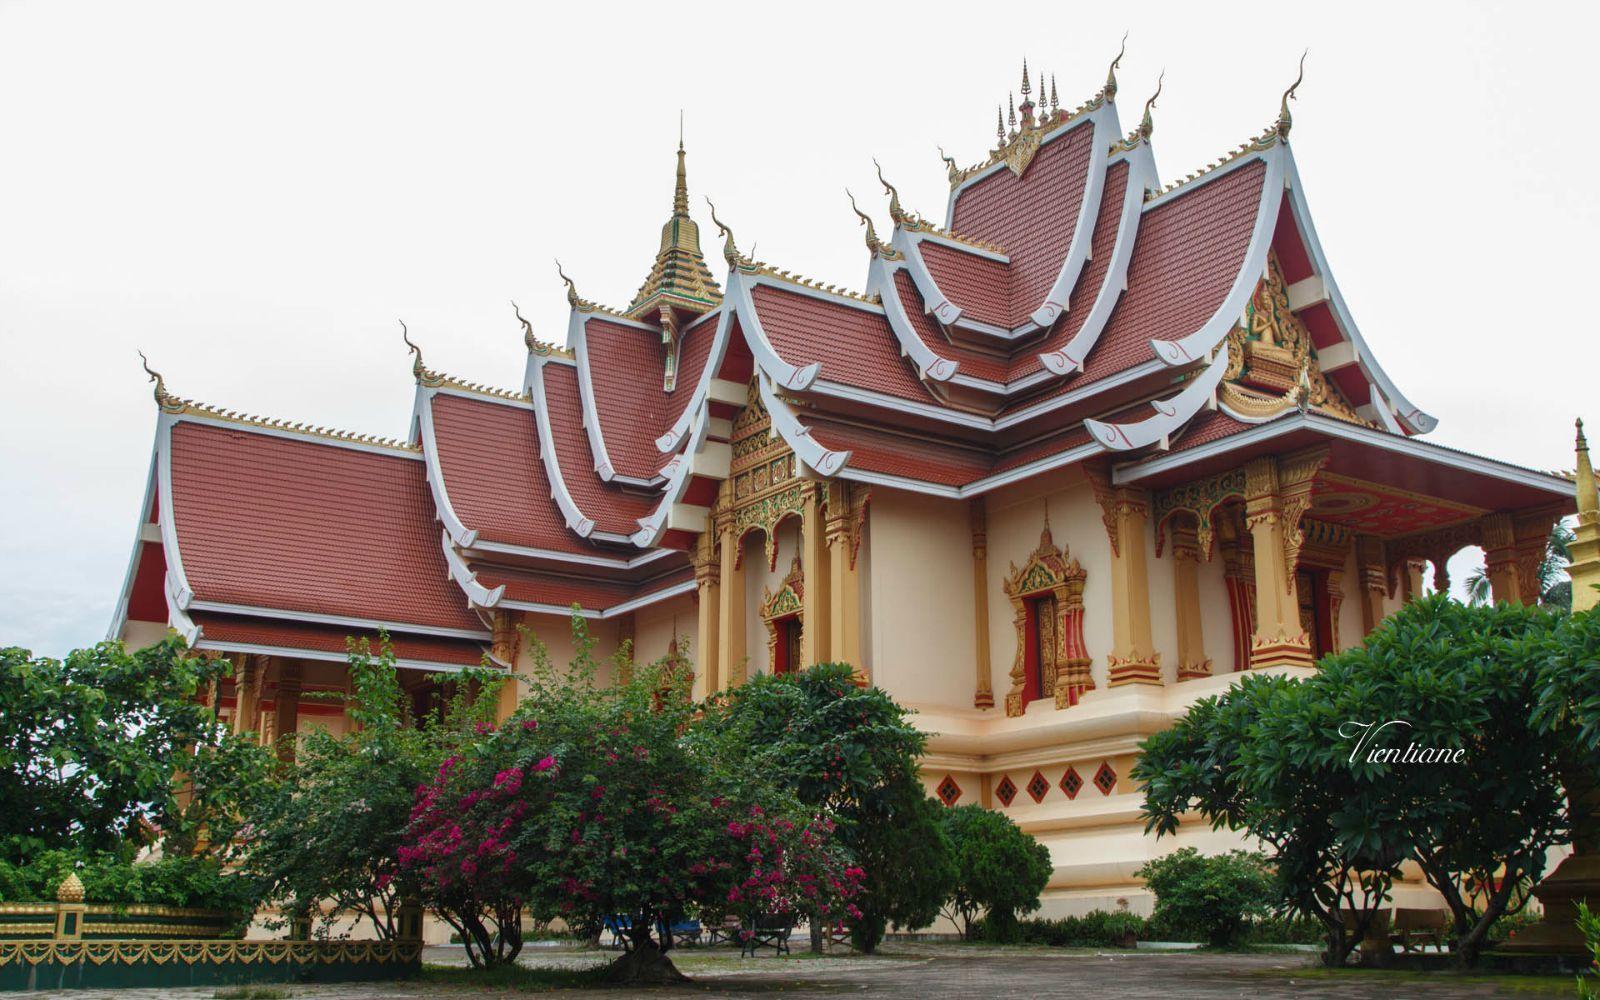 被时间遗忘的土地——老挝